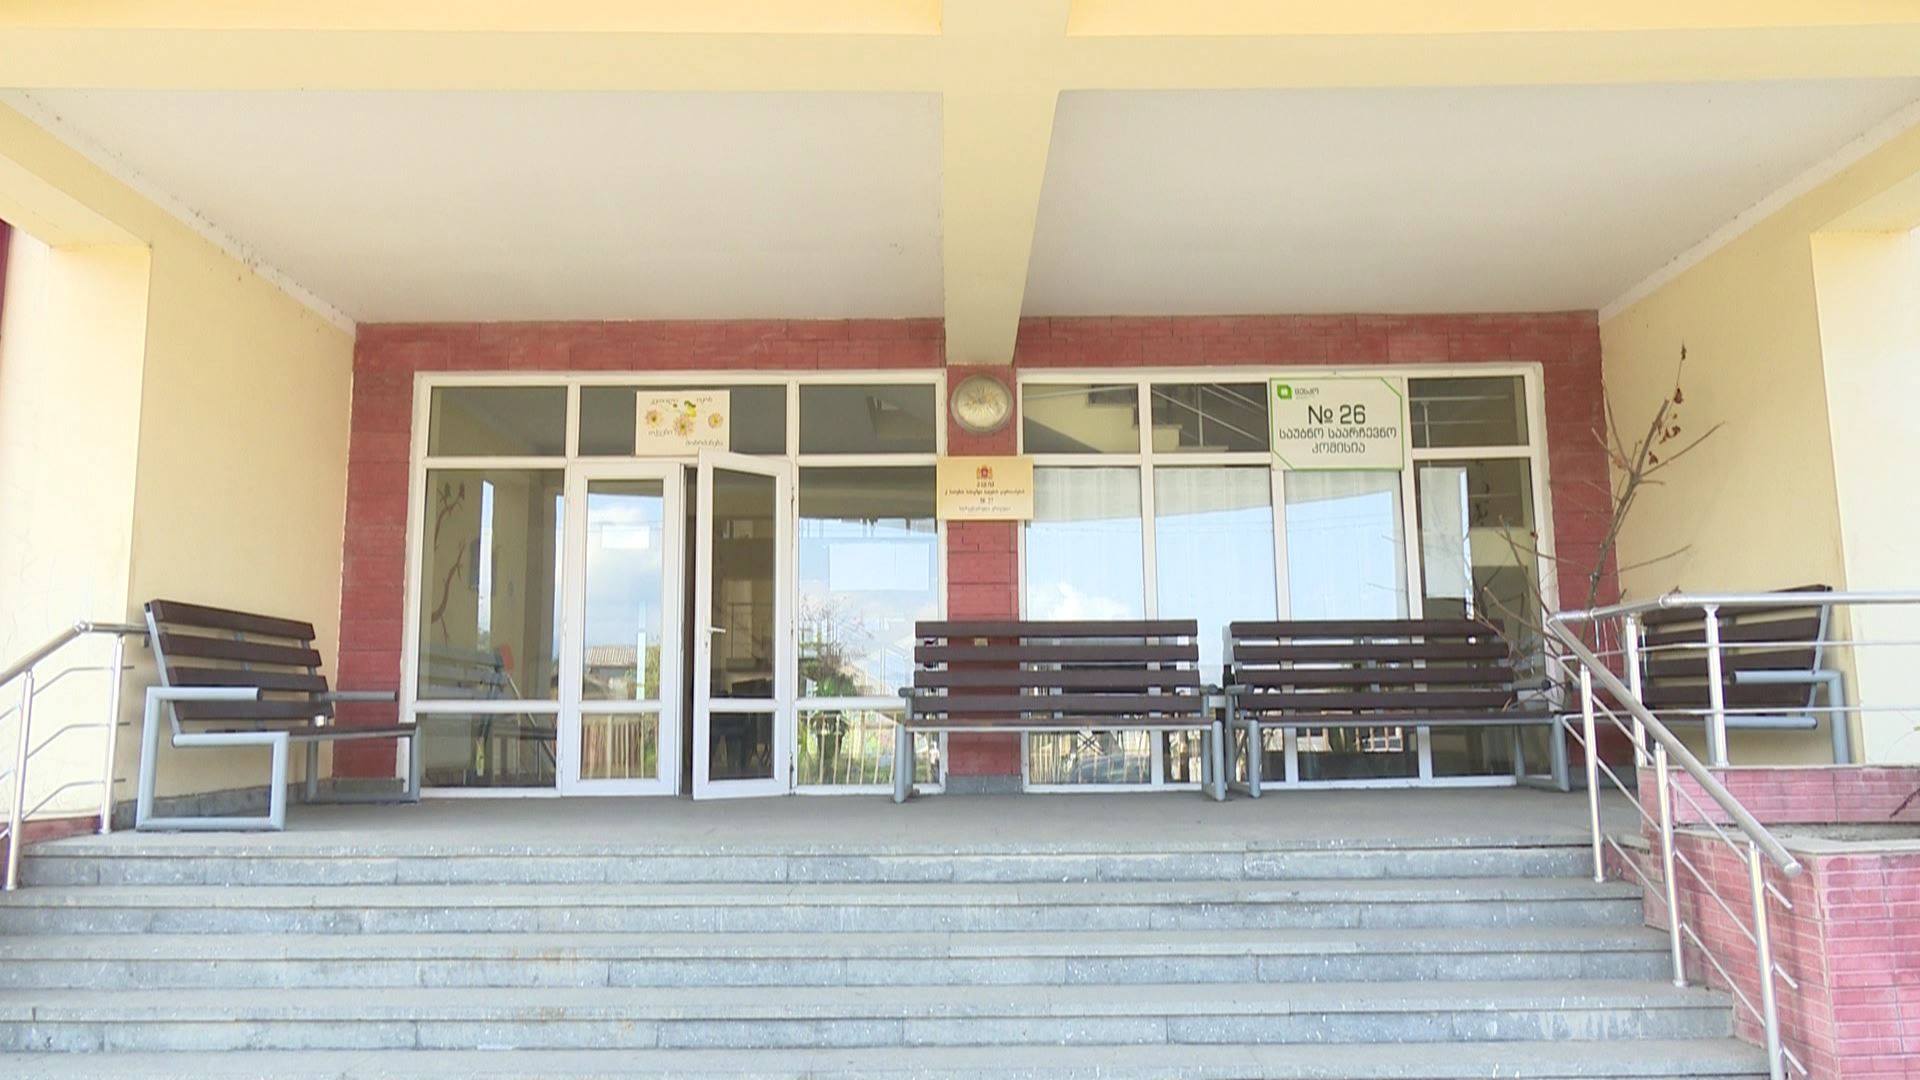 ბათუმის 27-ე საბავშვო ბაღში სააღმზრდელო პროცესი კვლავ არ განახლებულა